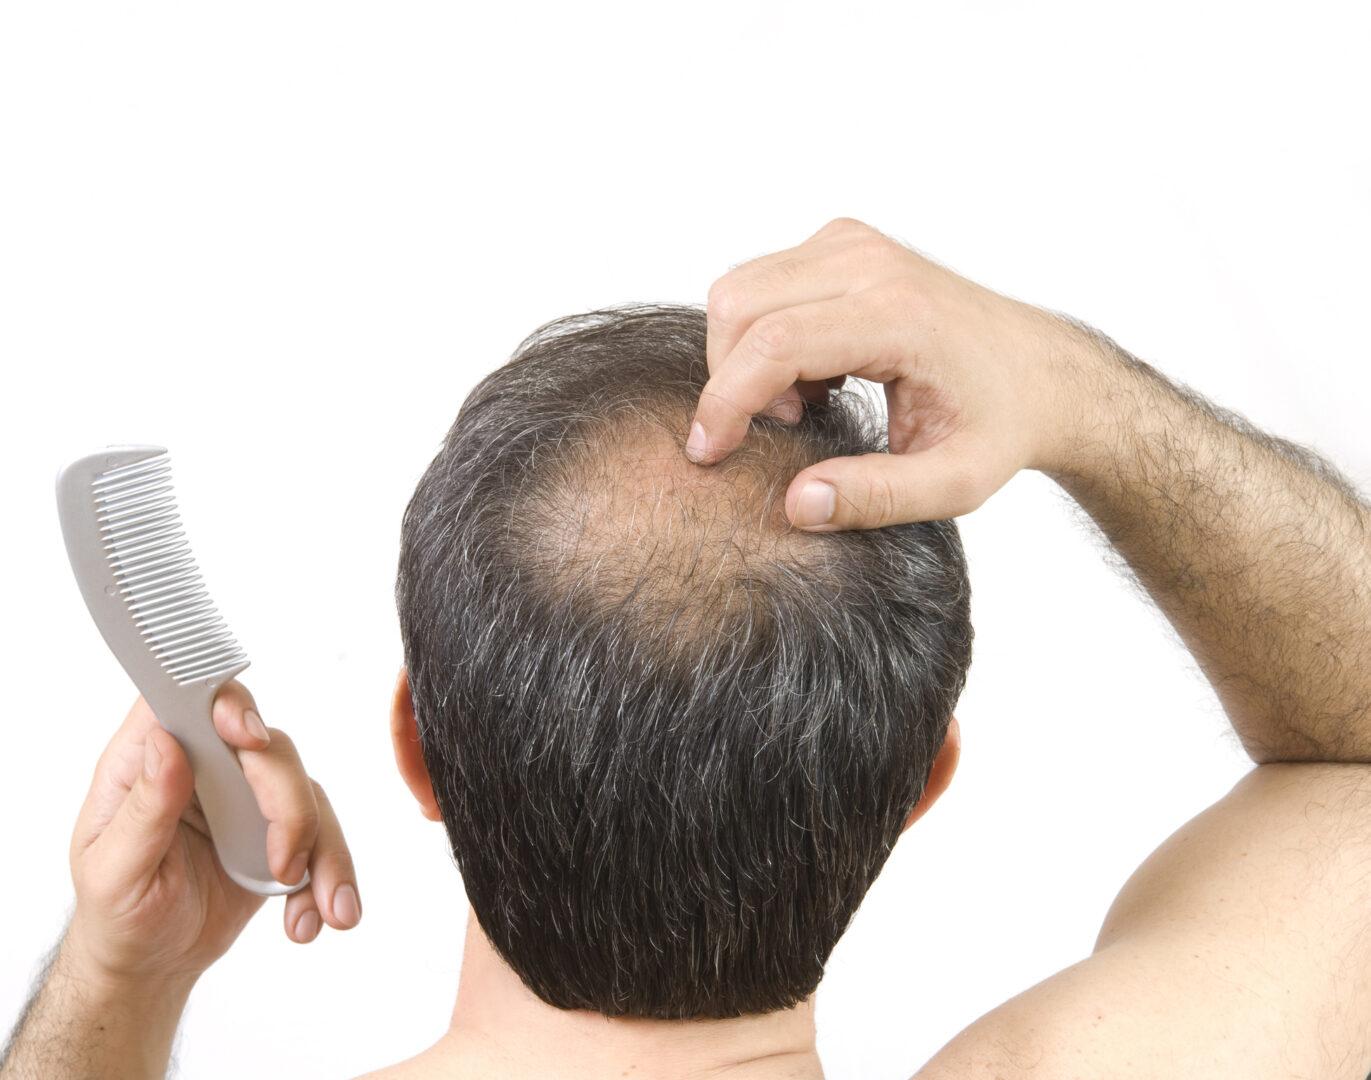 Hiustenlähtö huolettaa ja kaljuuntuminen pelottaa.